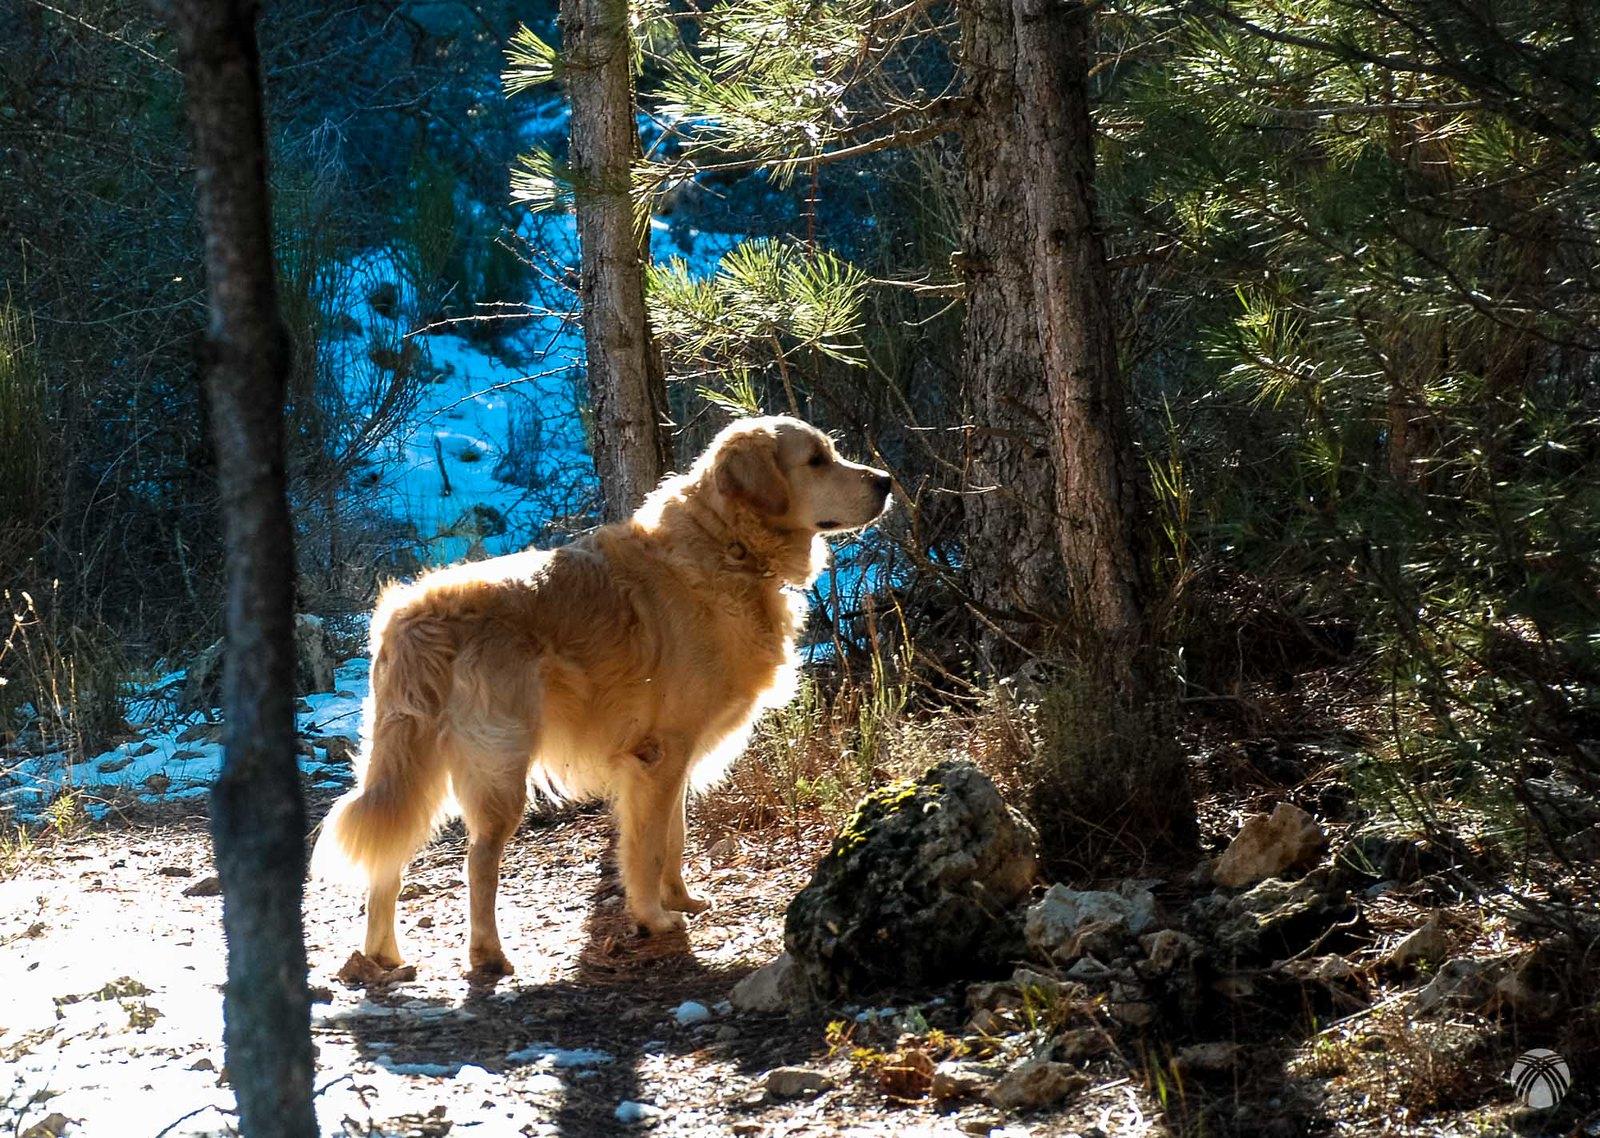 Moss atento en el bosque